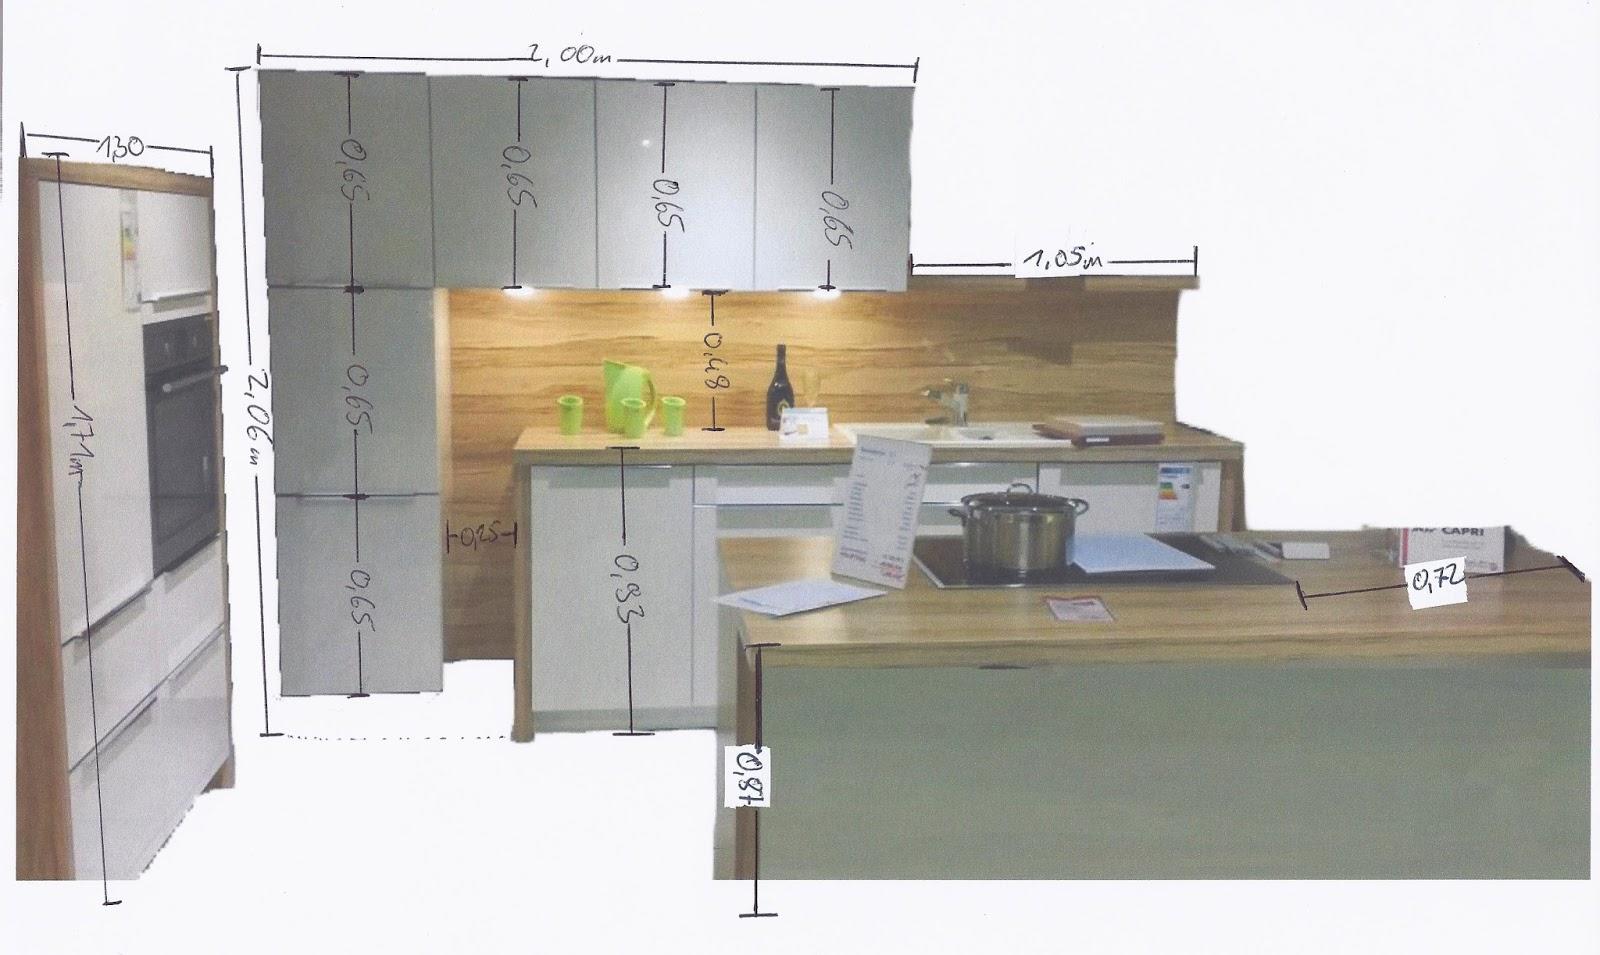 julia 39 s und sascha 39 s traum vom ein steinhaus die elektroplanung in der k che. Black Bedroom Furniture Sets. Home Design Ideas